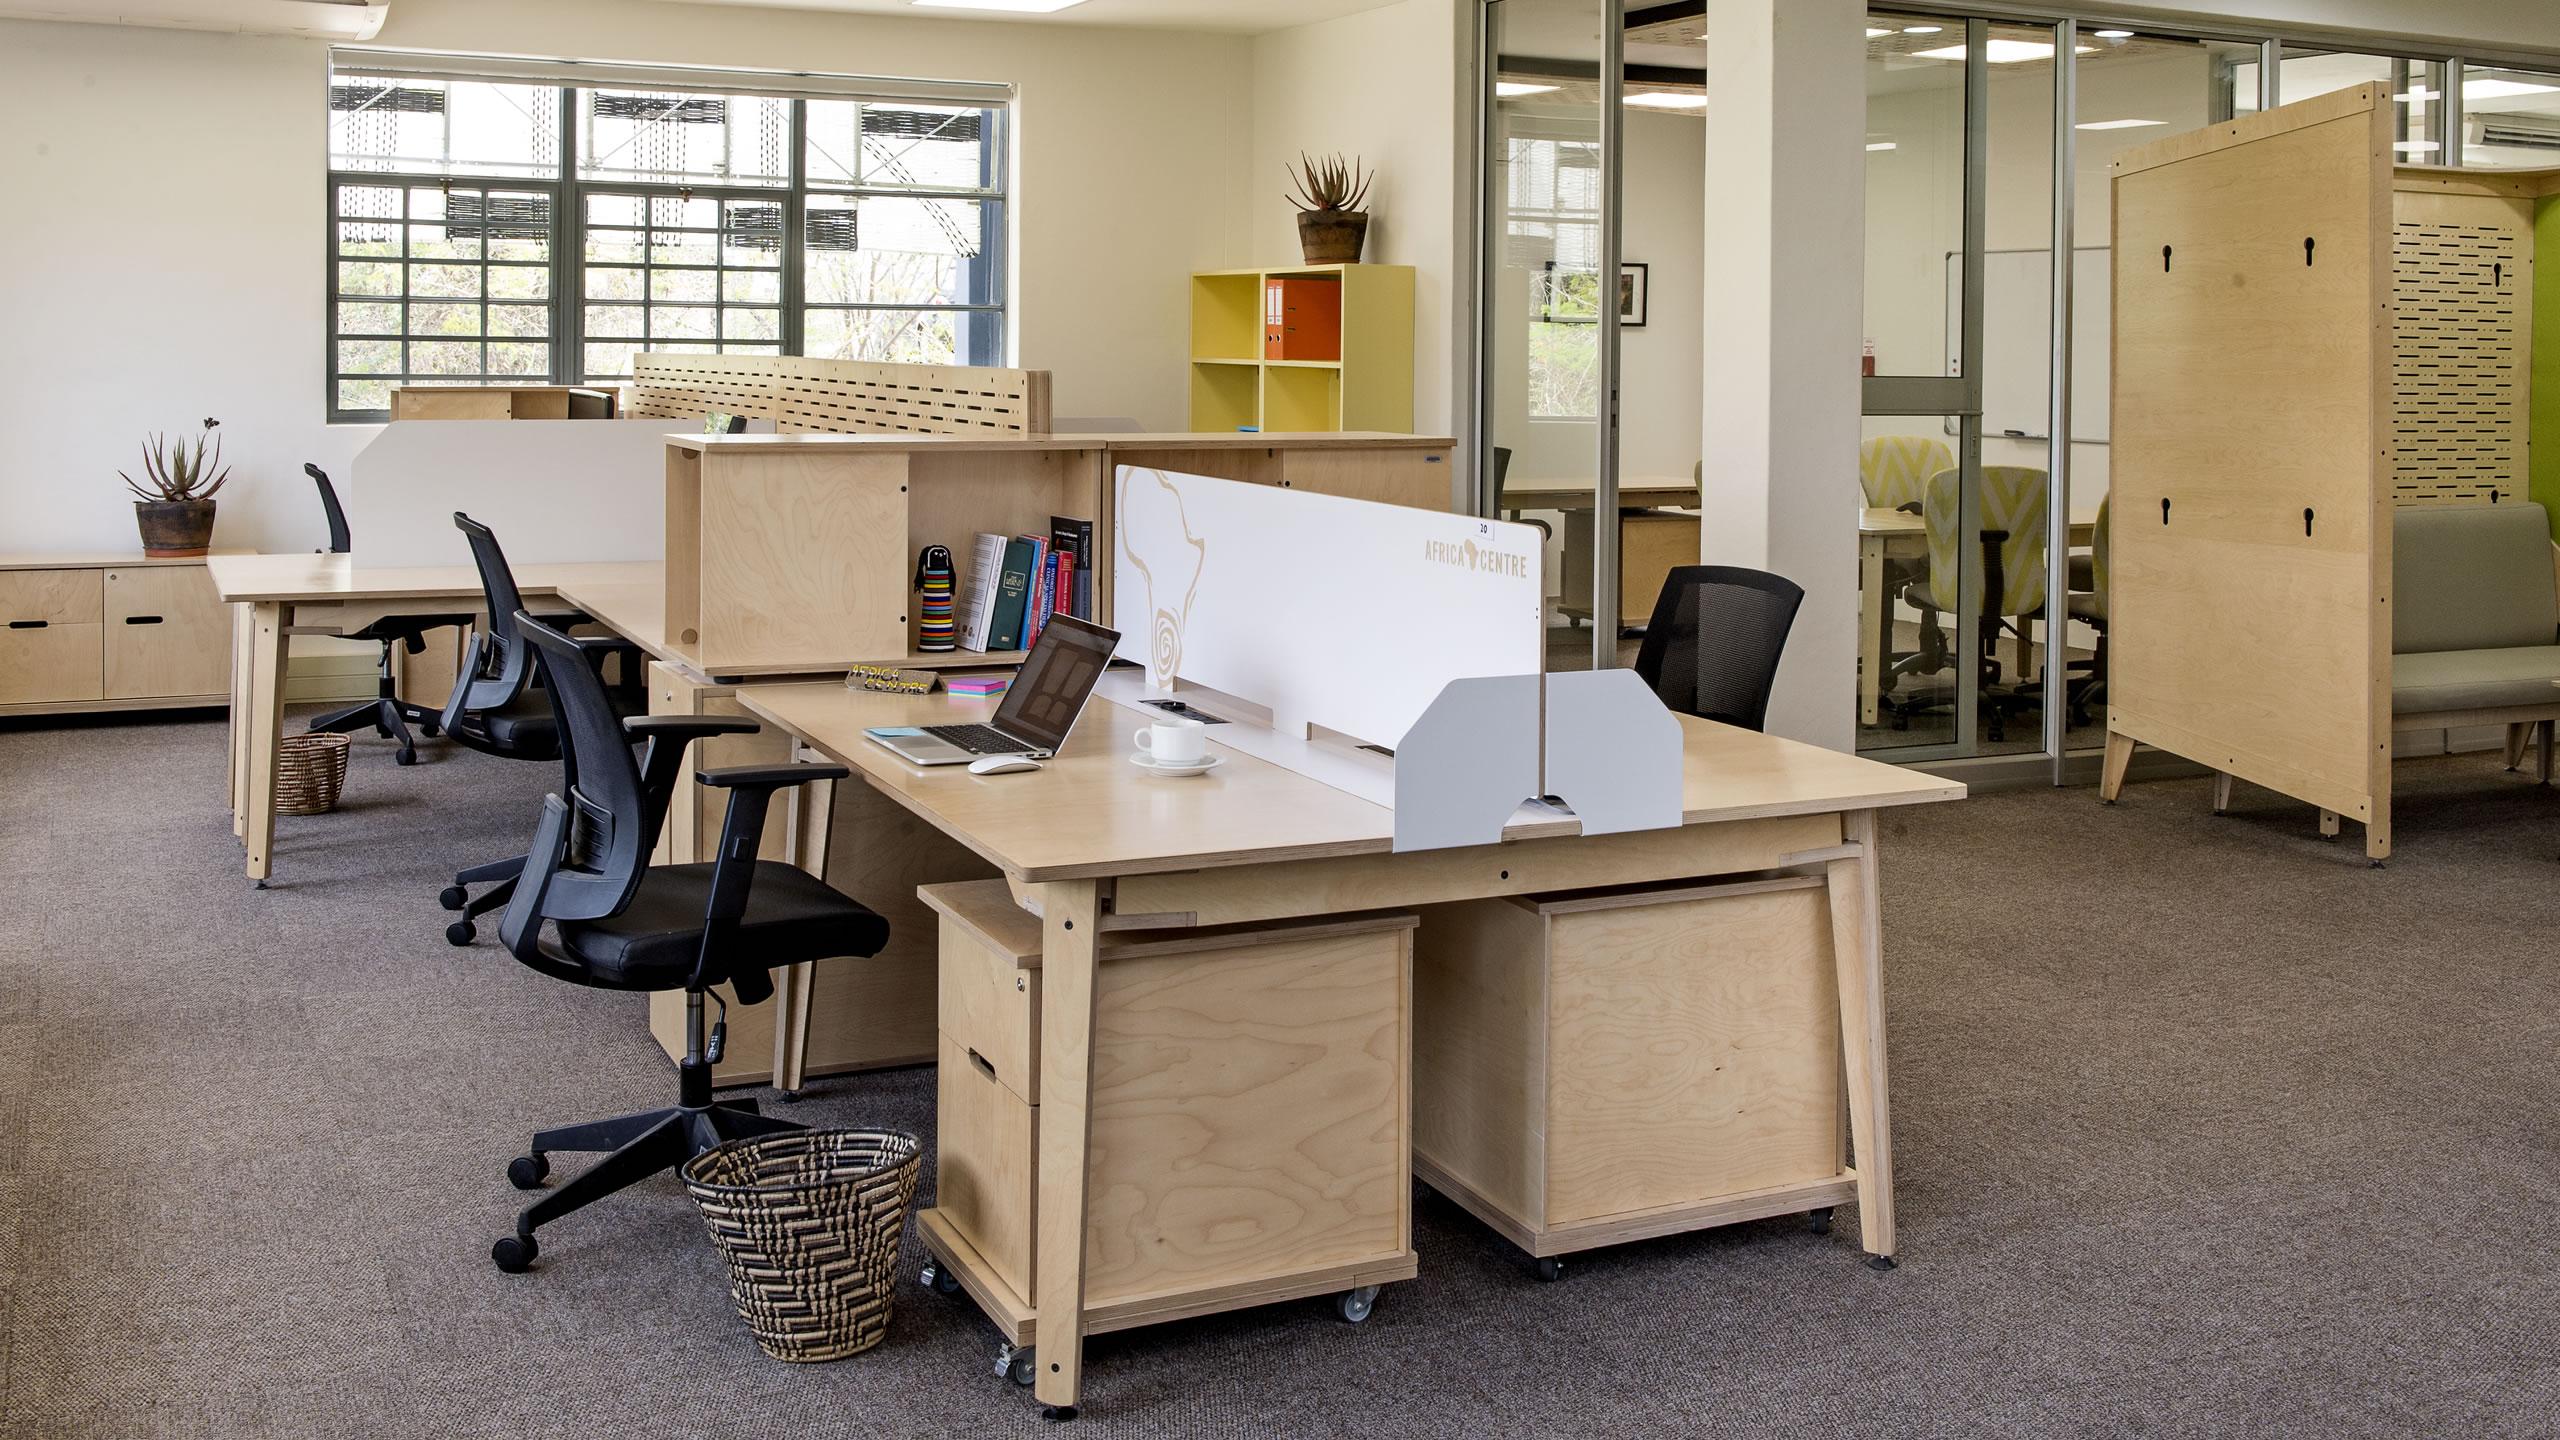 epik office furniture range raw studios